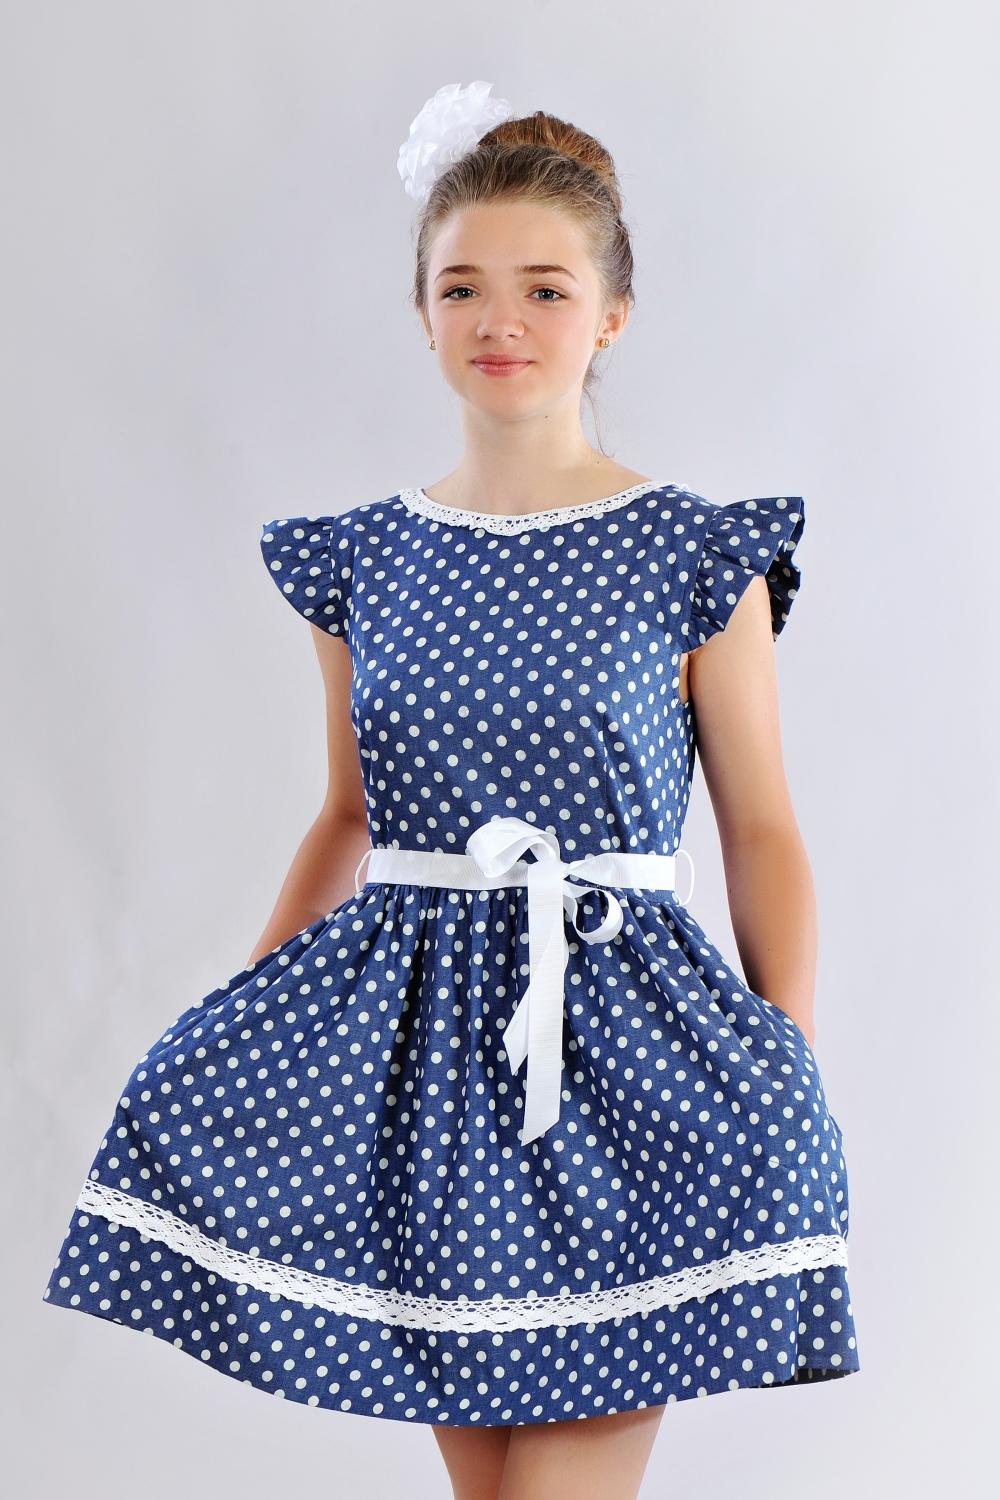 d1d17cacdd8a17 Літнє плаття з кишенями для дівчинки - купити в інтернет магазині «Діва»